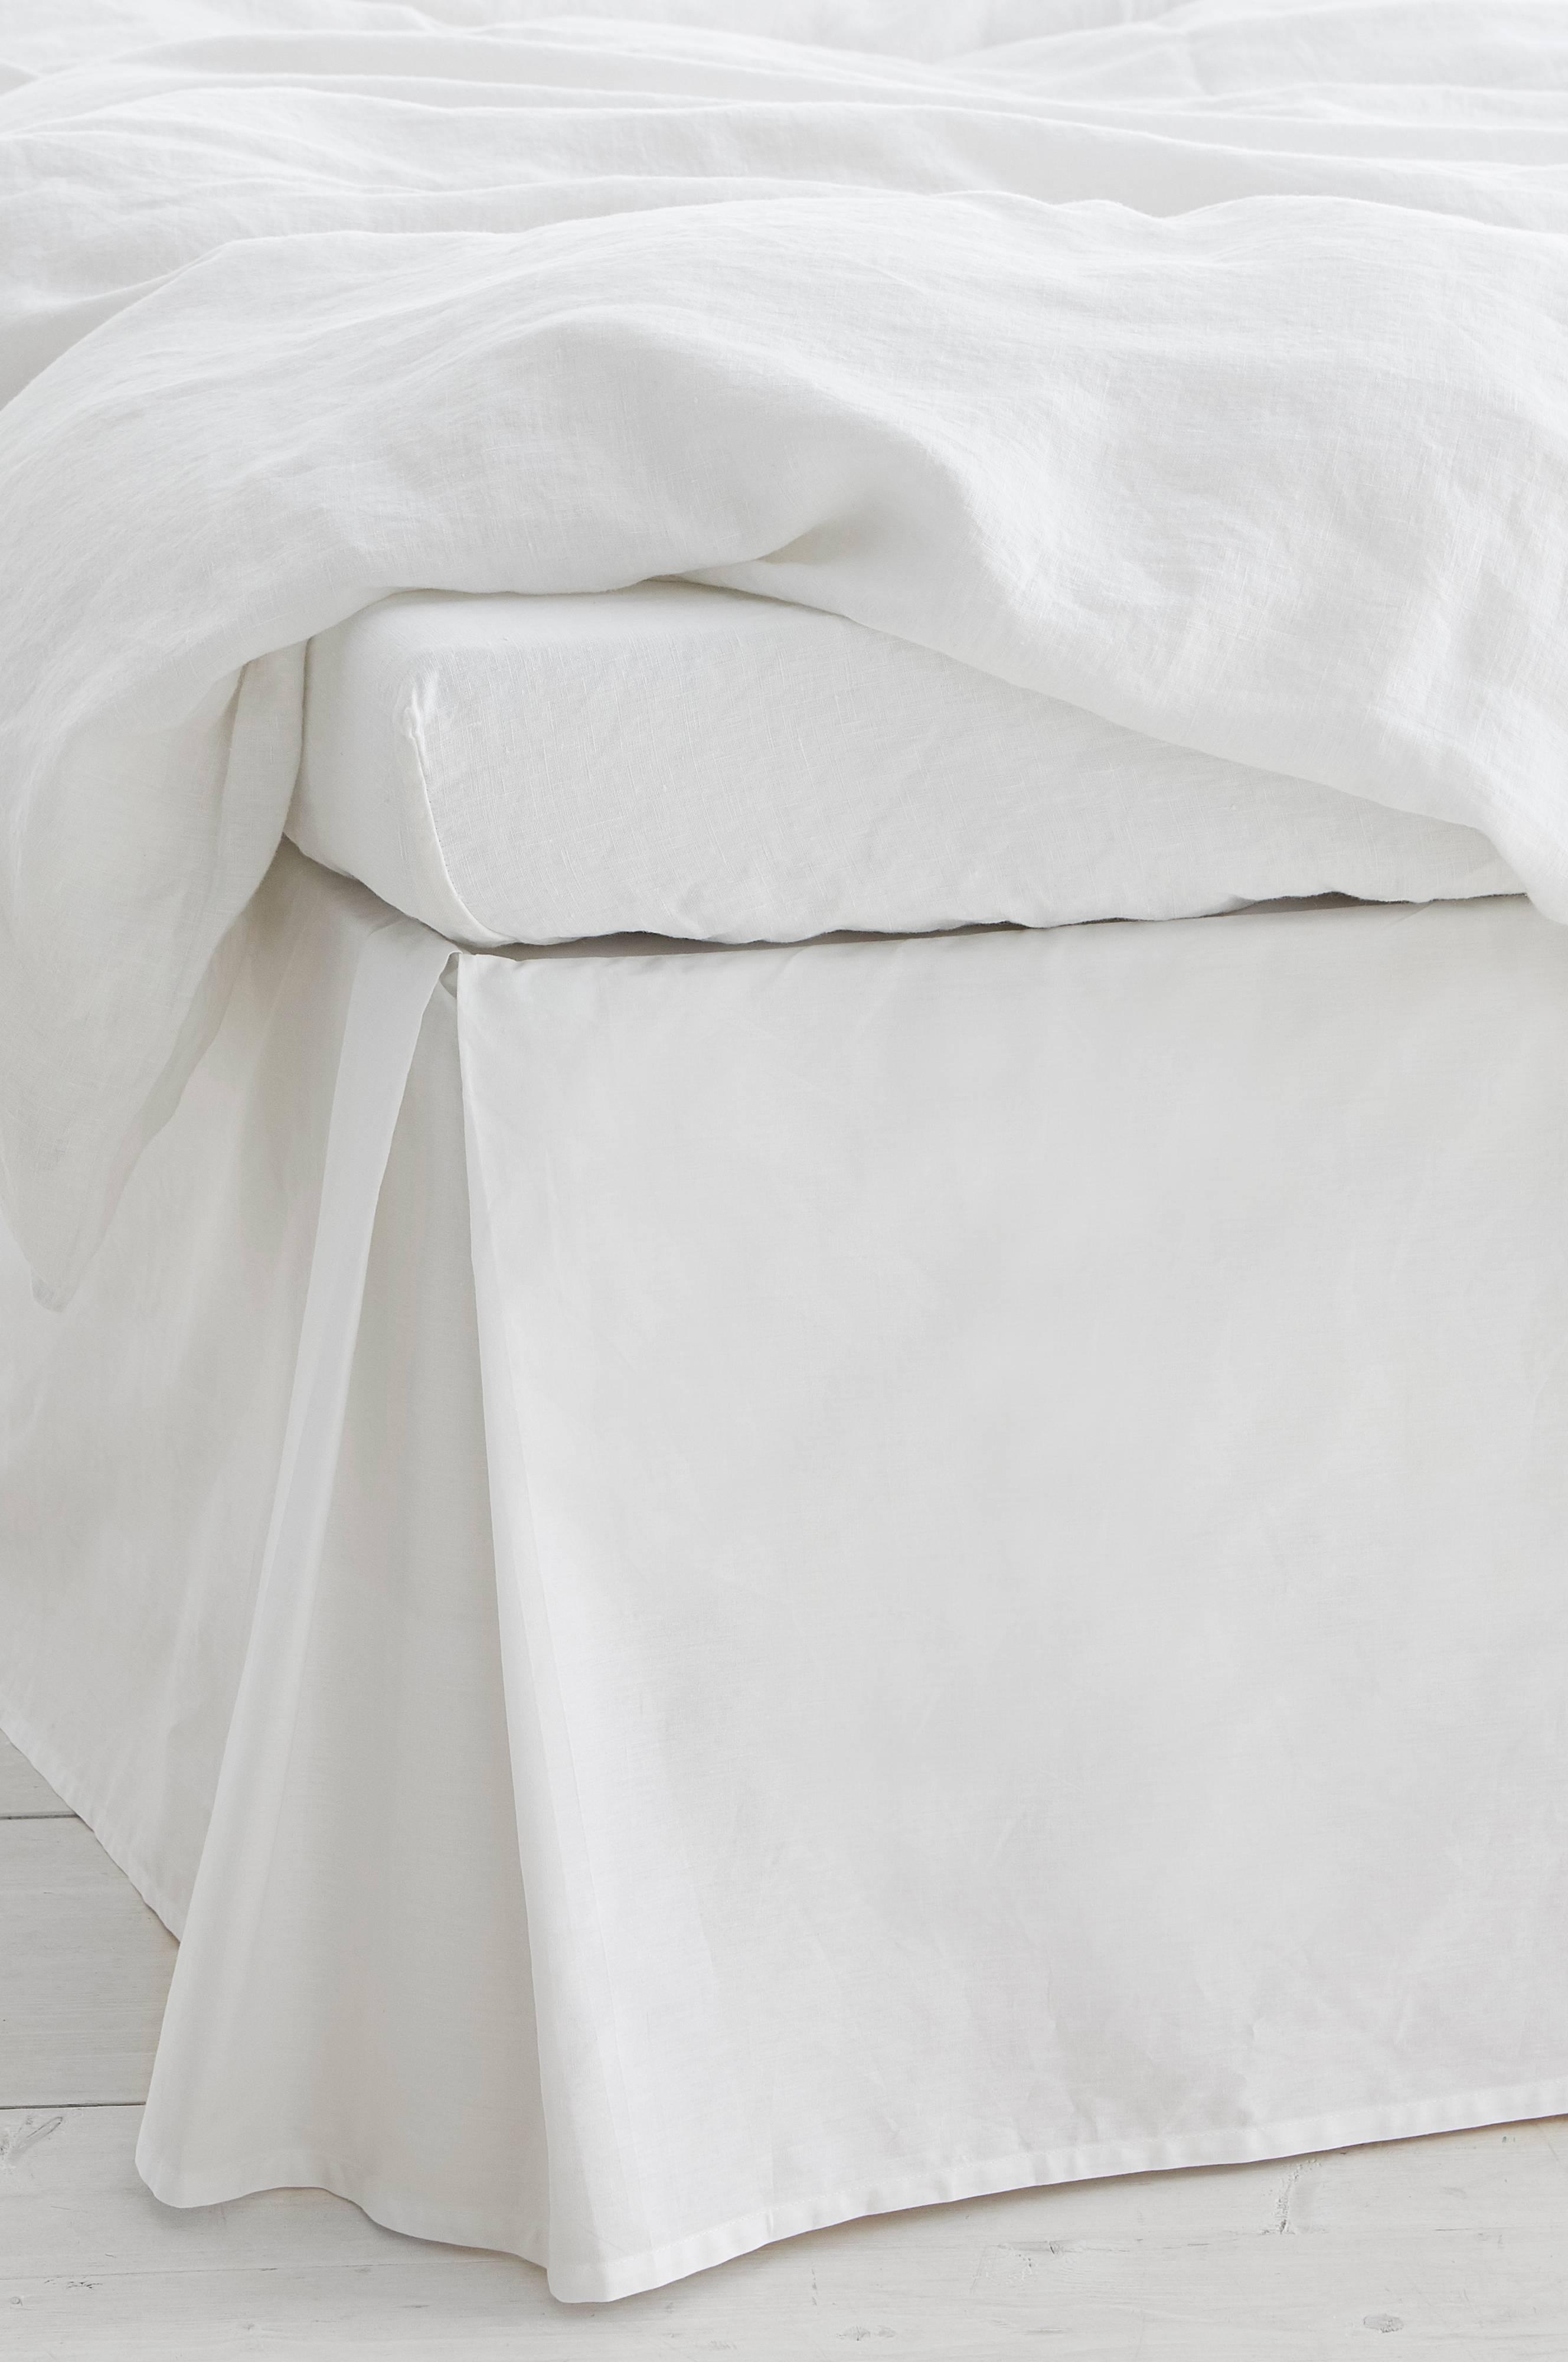 Ellos Home Sängkappa Dream i bomull, 5 storlekar Vit Hem& inredning Ellos se